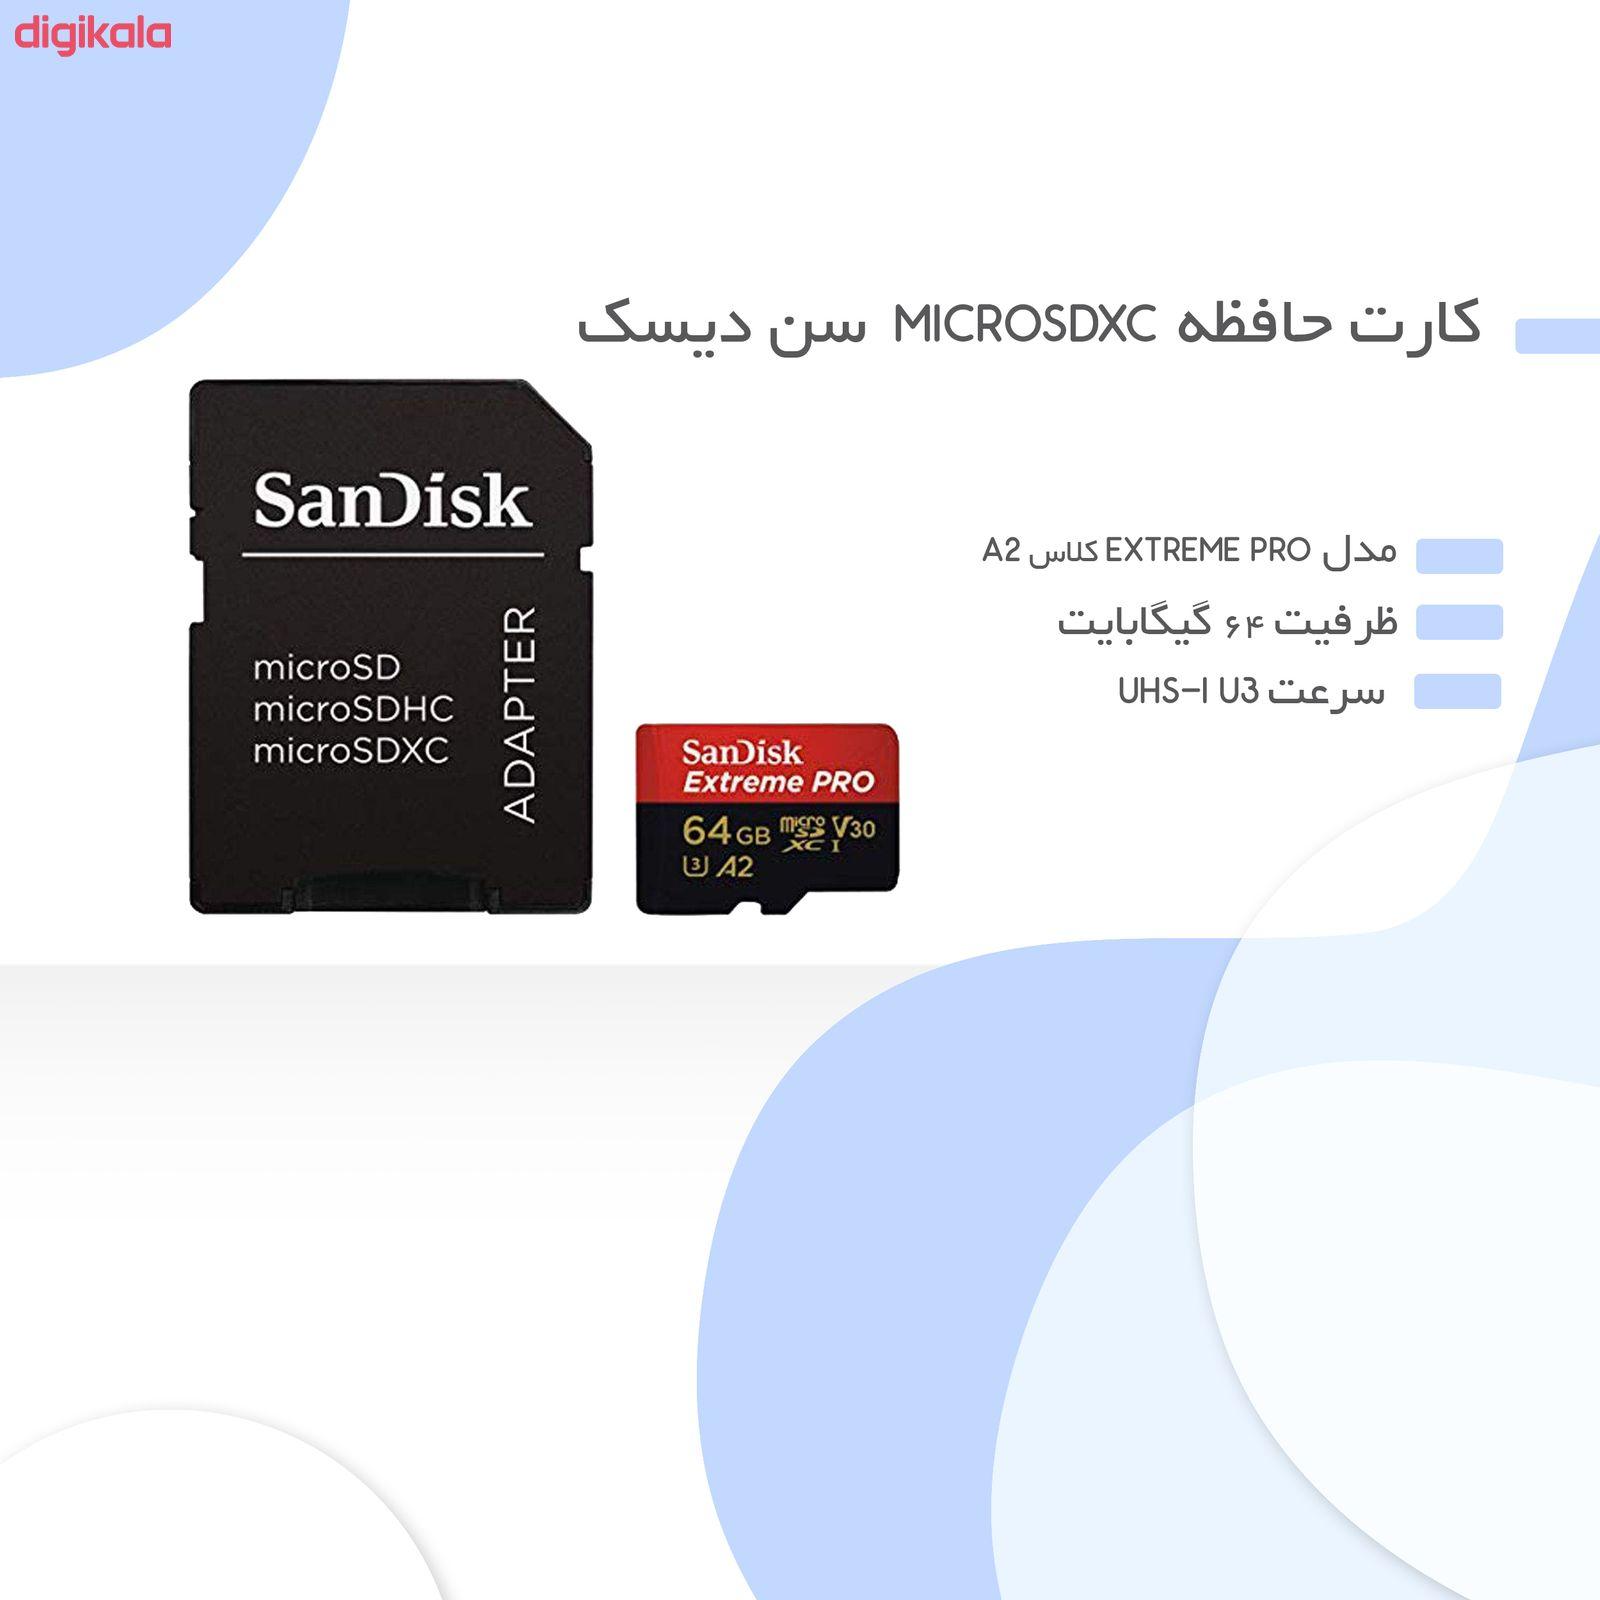 کارت حافظه microSDXC سن دیسک مدل Extreme PRO کلاس A2 استاندارد UHS-I U3 سرعت 170MBs ظرفیت 64 گیگابایت به همراه آداپتور SD main 1 2